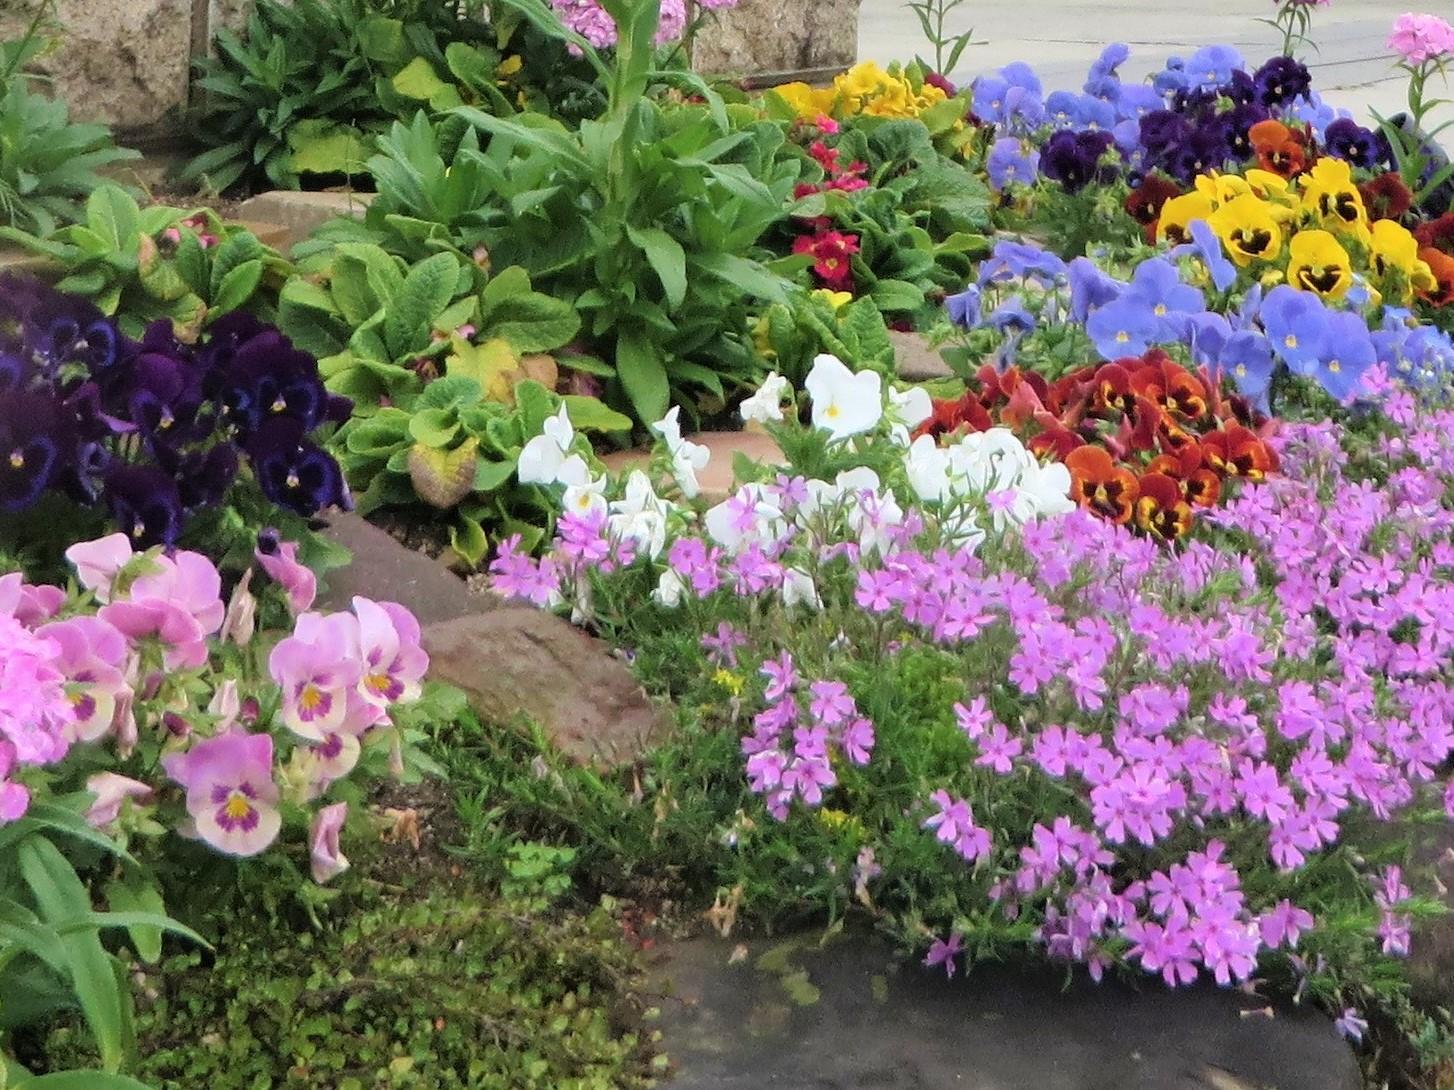 花のある庭、基本の基本 花のある庭に欠かせない草花。草花類は成長も早く花期も長いので、手軽に庭に彩をプラスしてくれます。苗の種類も豊富に出回っているので、種まきから育てるタイミングを逃しても、手軽に植栽できます。